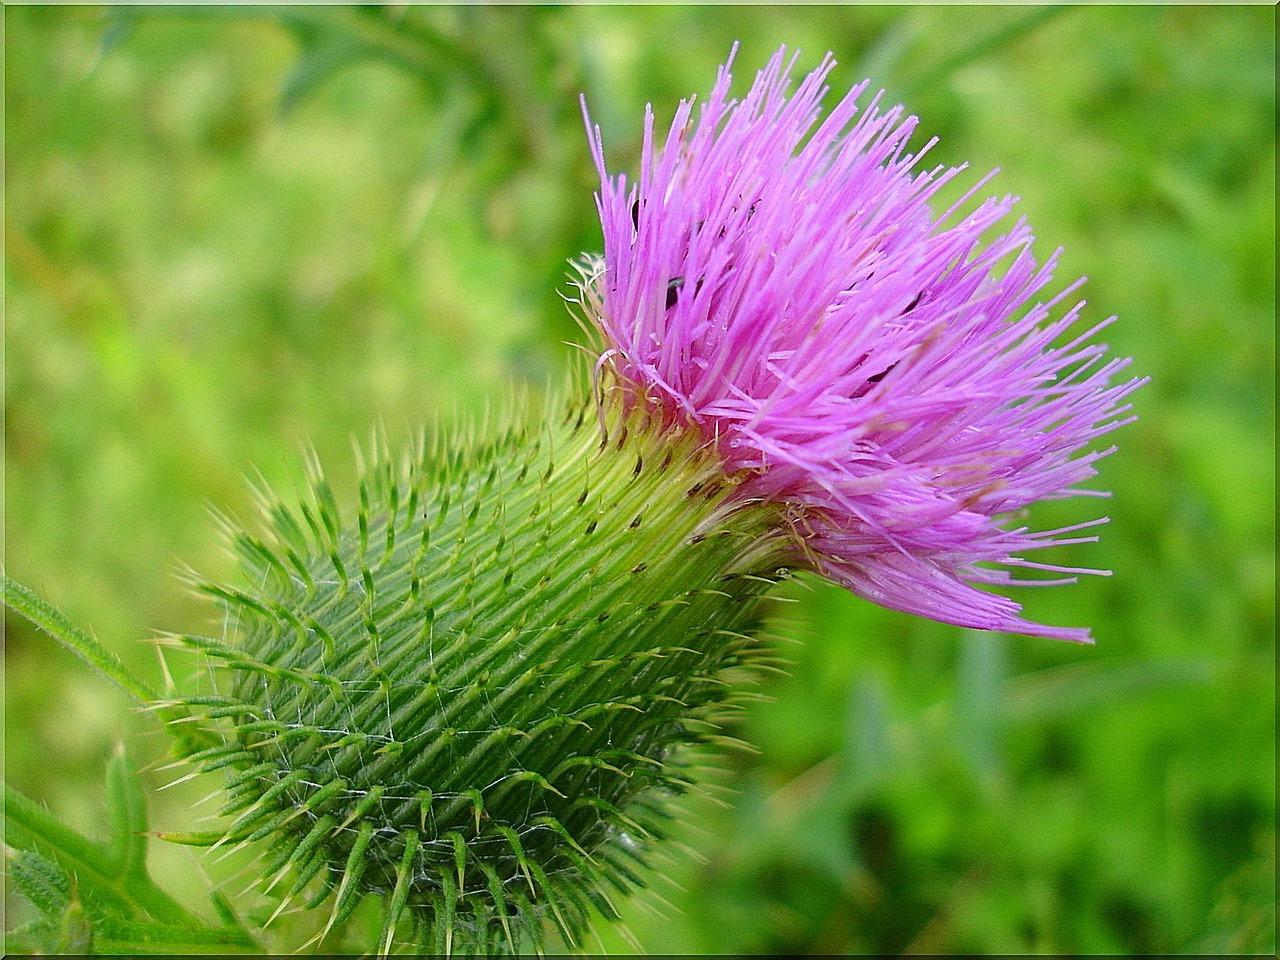 La flor del cardo es rosada